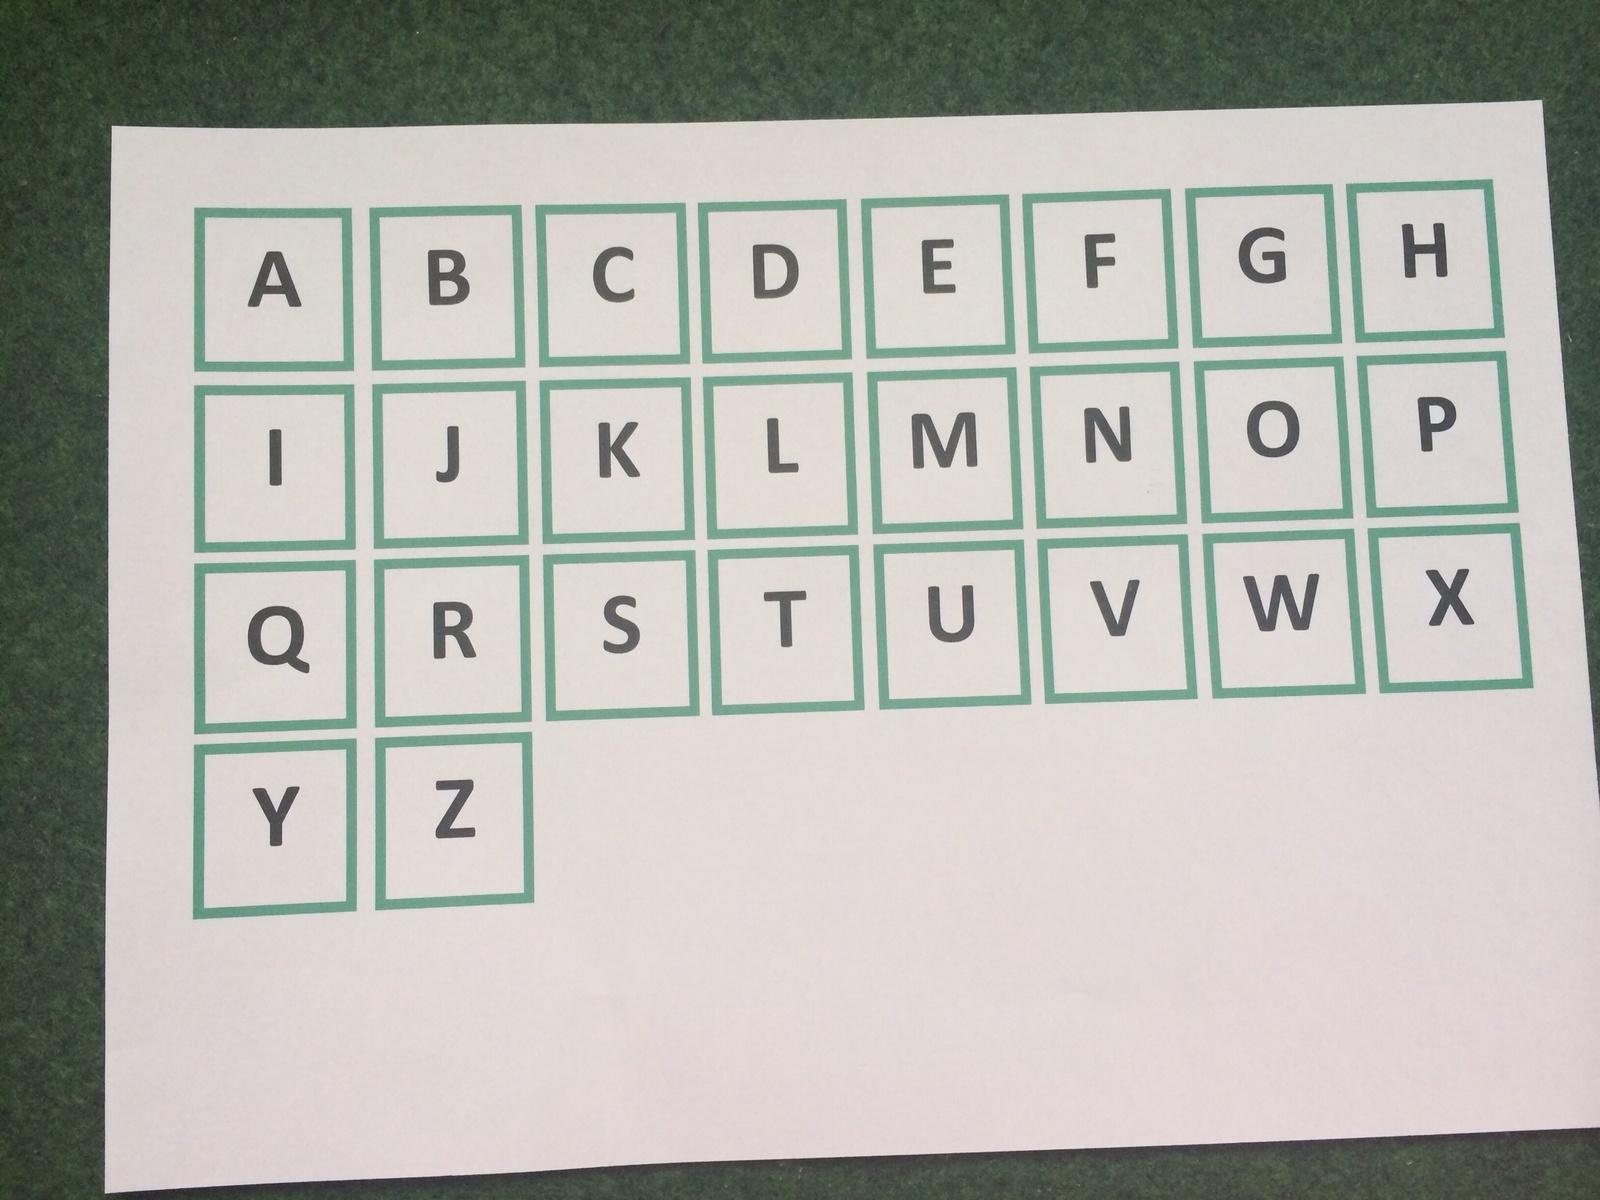 Apprendre L'alphabet, Lire Et Écrire - Apprends Moi Ummi concernant Comment Écrire Les Lettres De L Alphabet Français